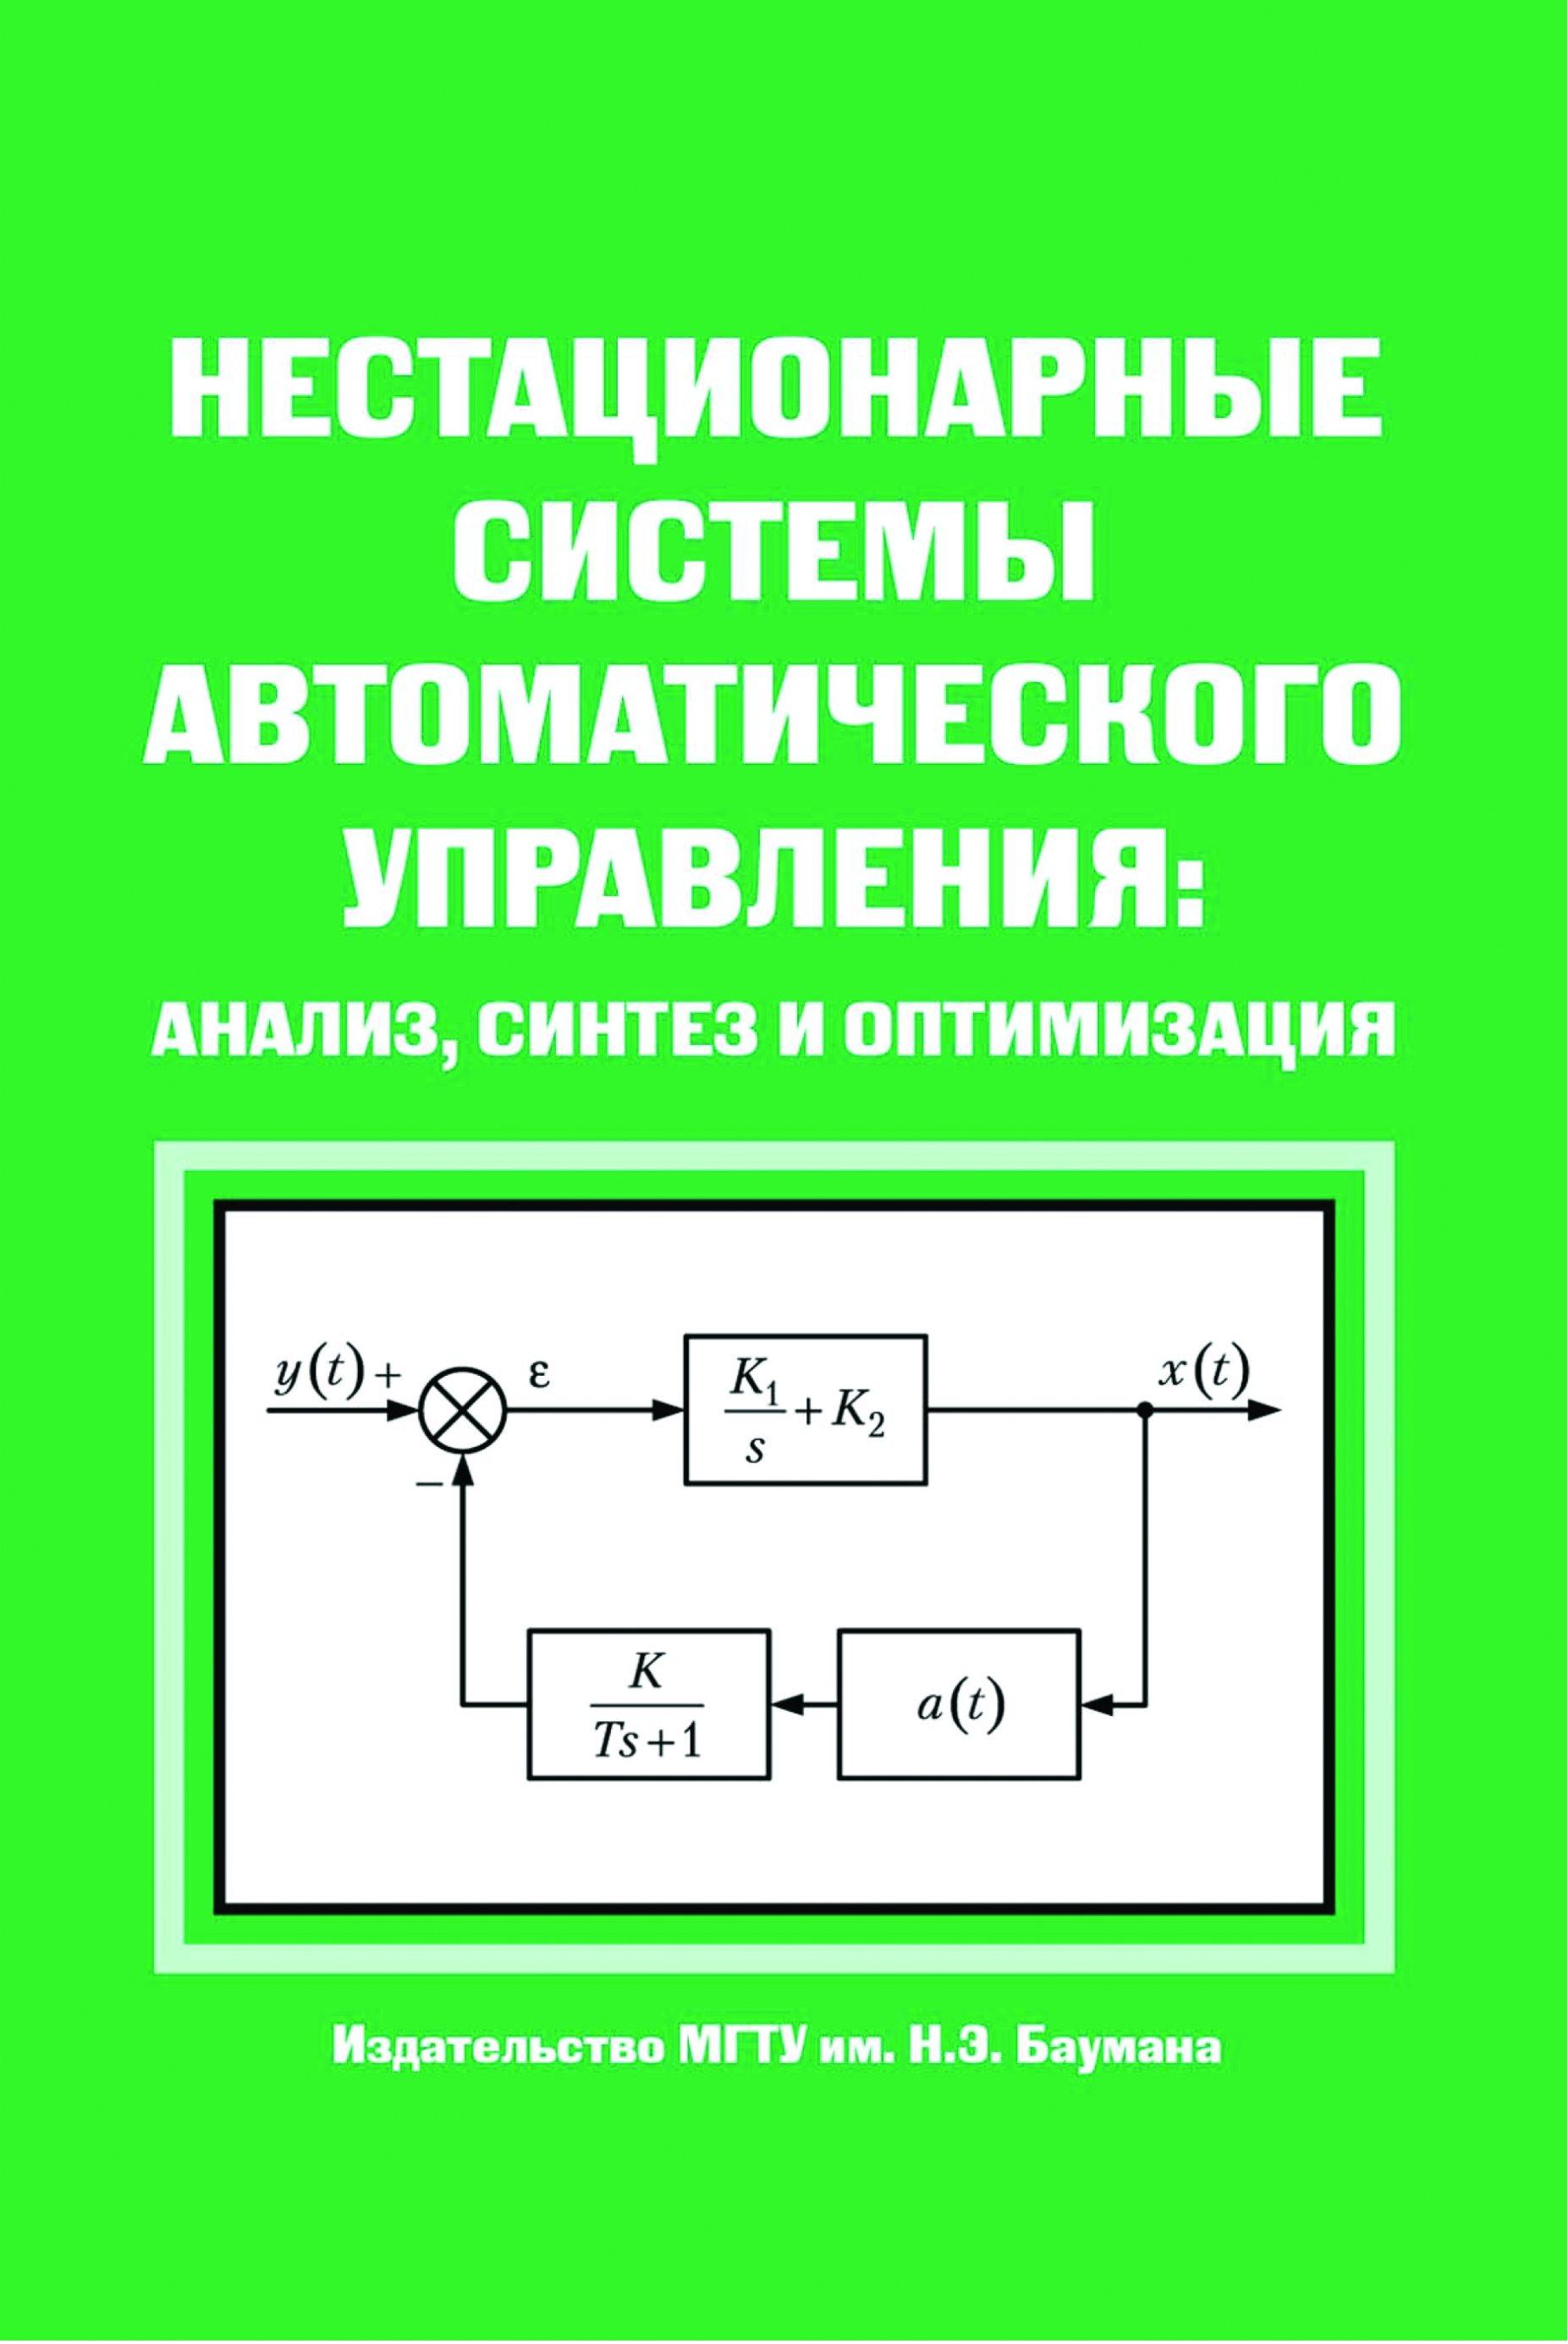 Нестационарные системы автоматического управления: анализ, синтез и оптимизация